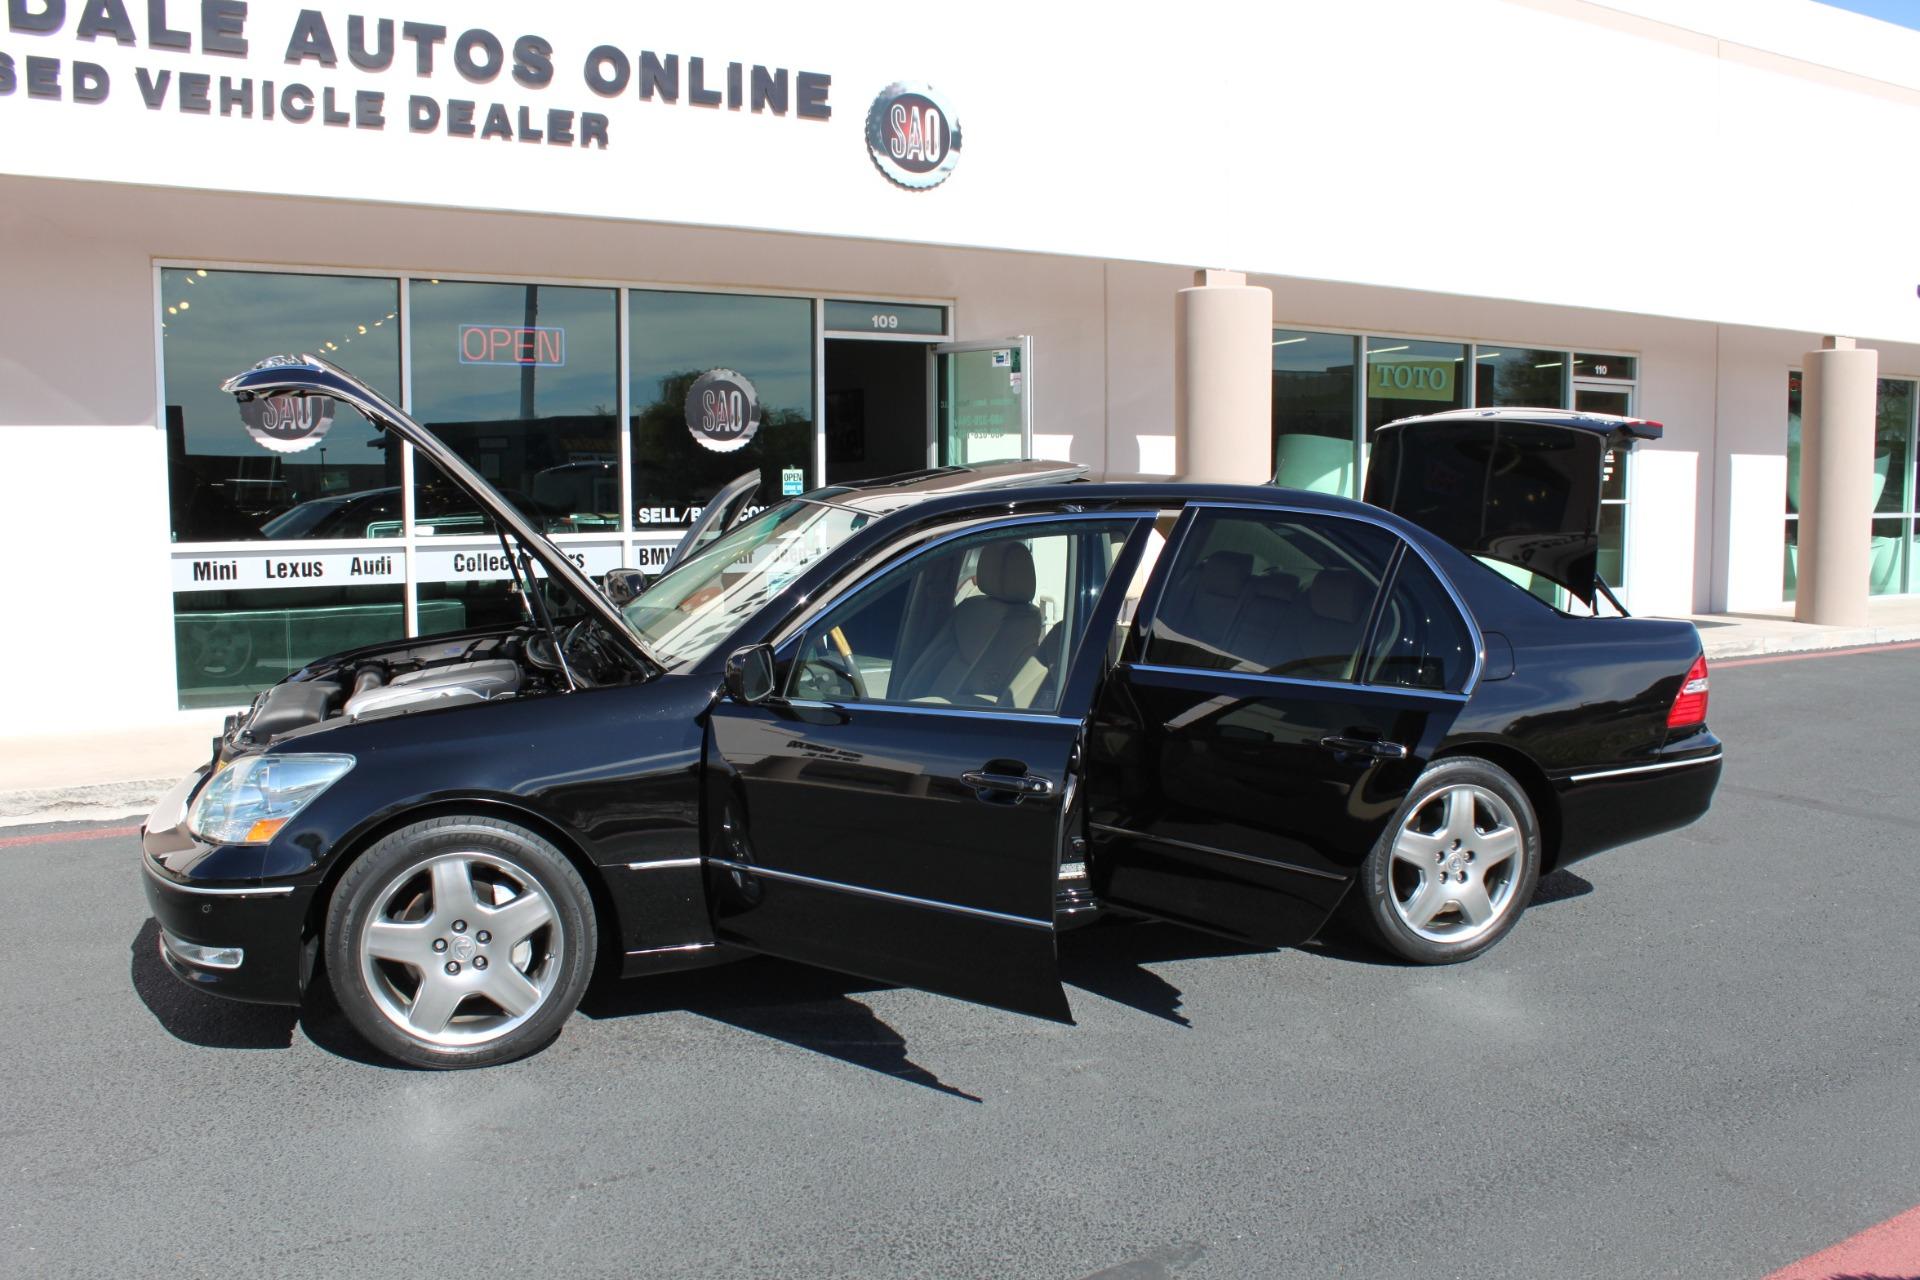 Used-2005-Lexus-LS-430-Alfa-Romeo